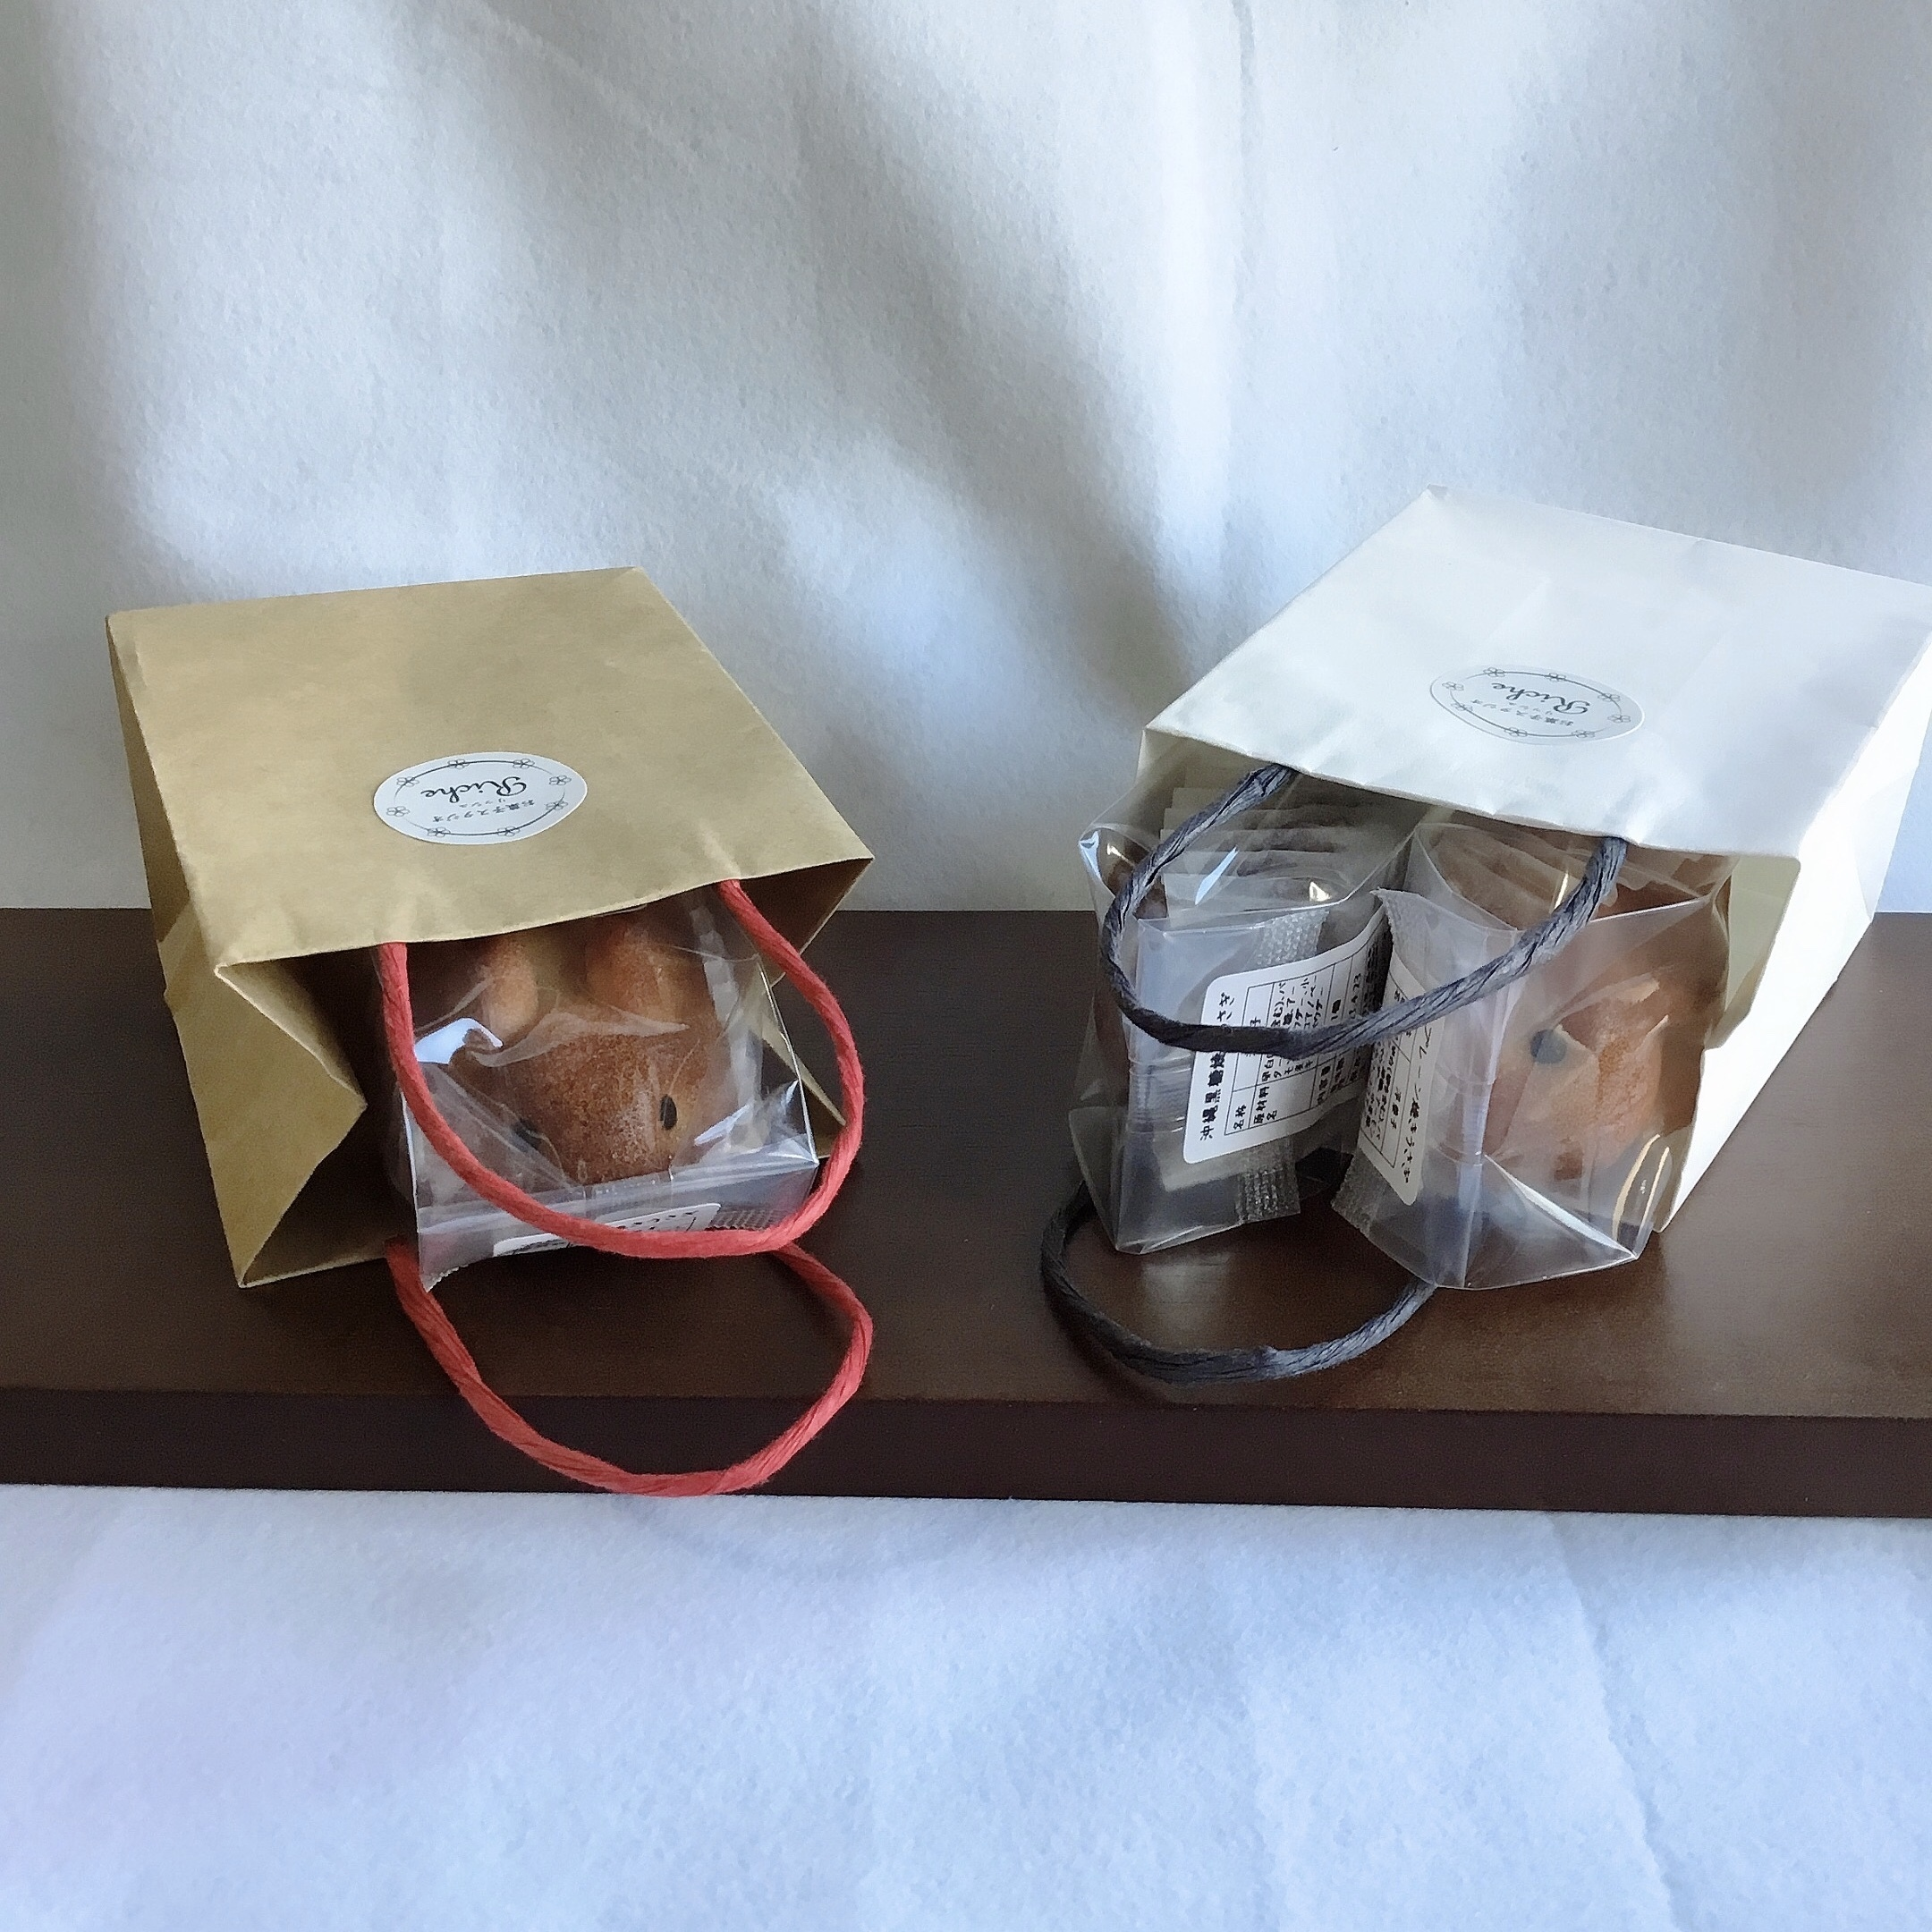 【1~2羽用】小分け手提げ袋(1枚)/オプション項目で色をご選択ください(※焼き菓子は含まれません)